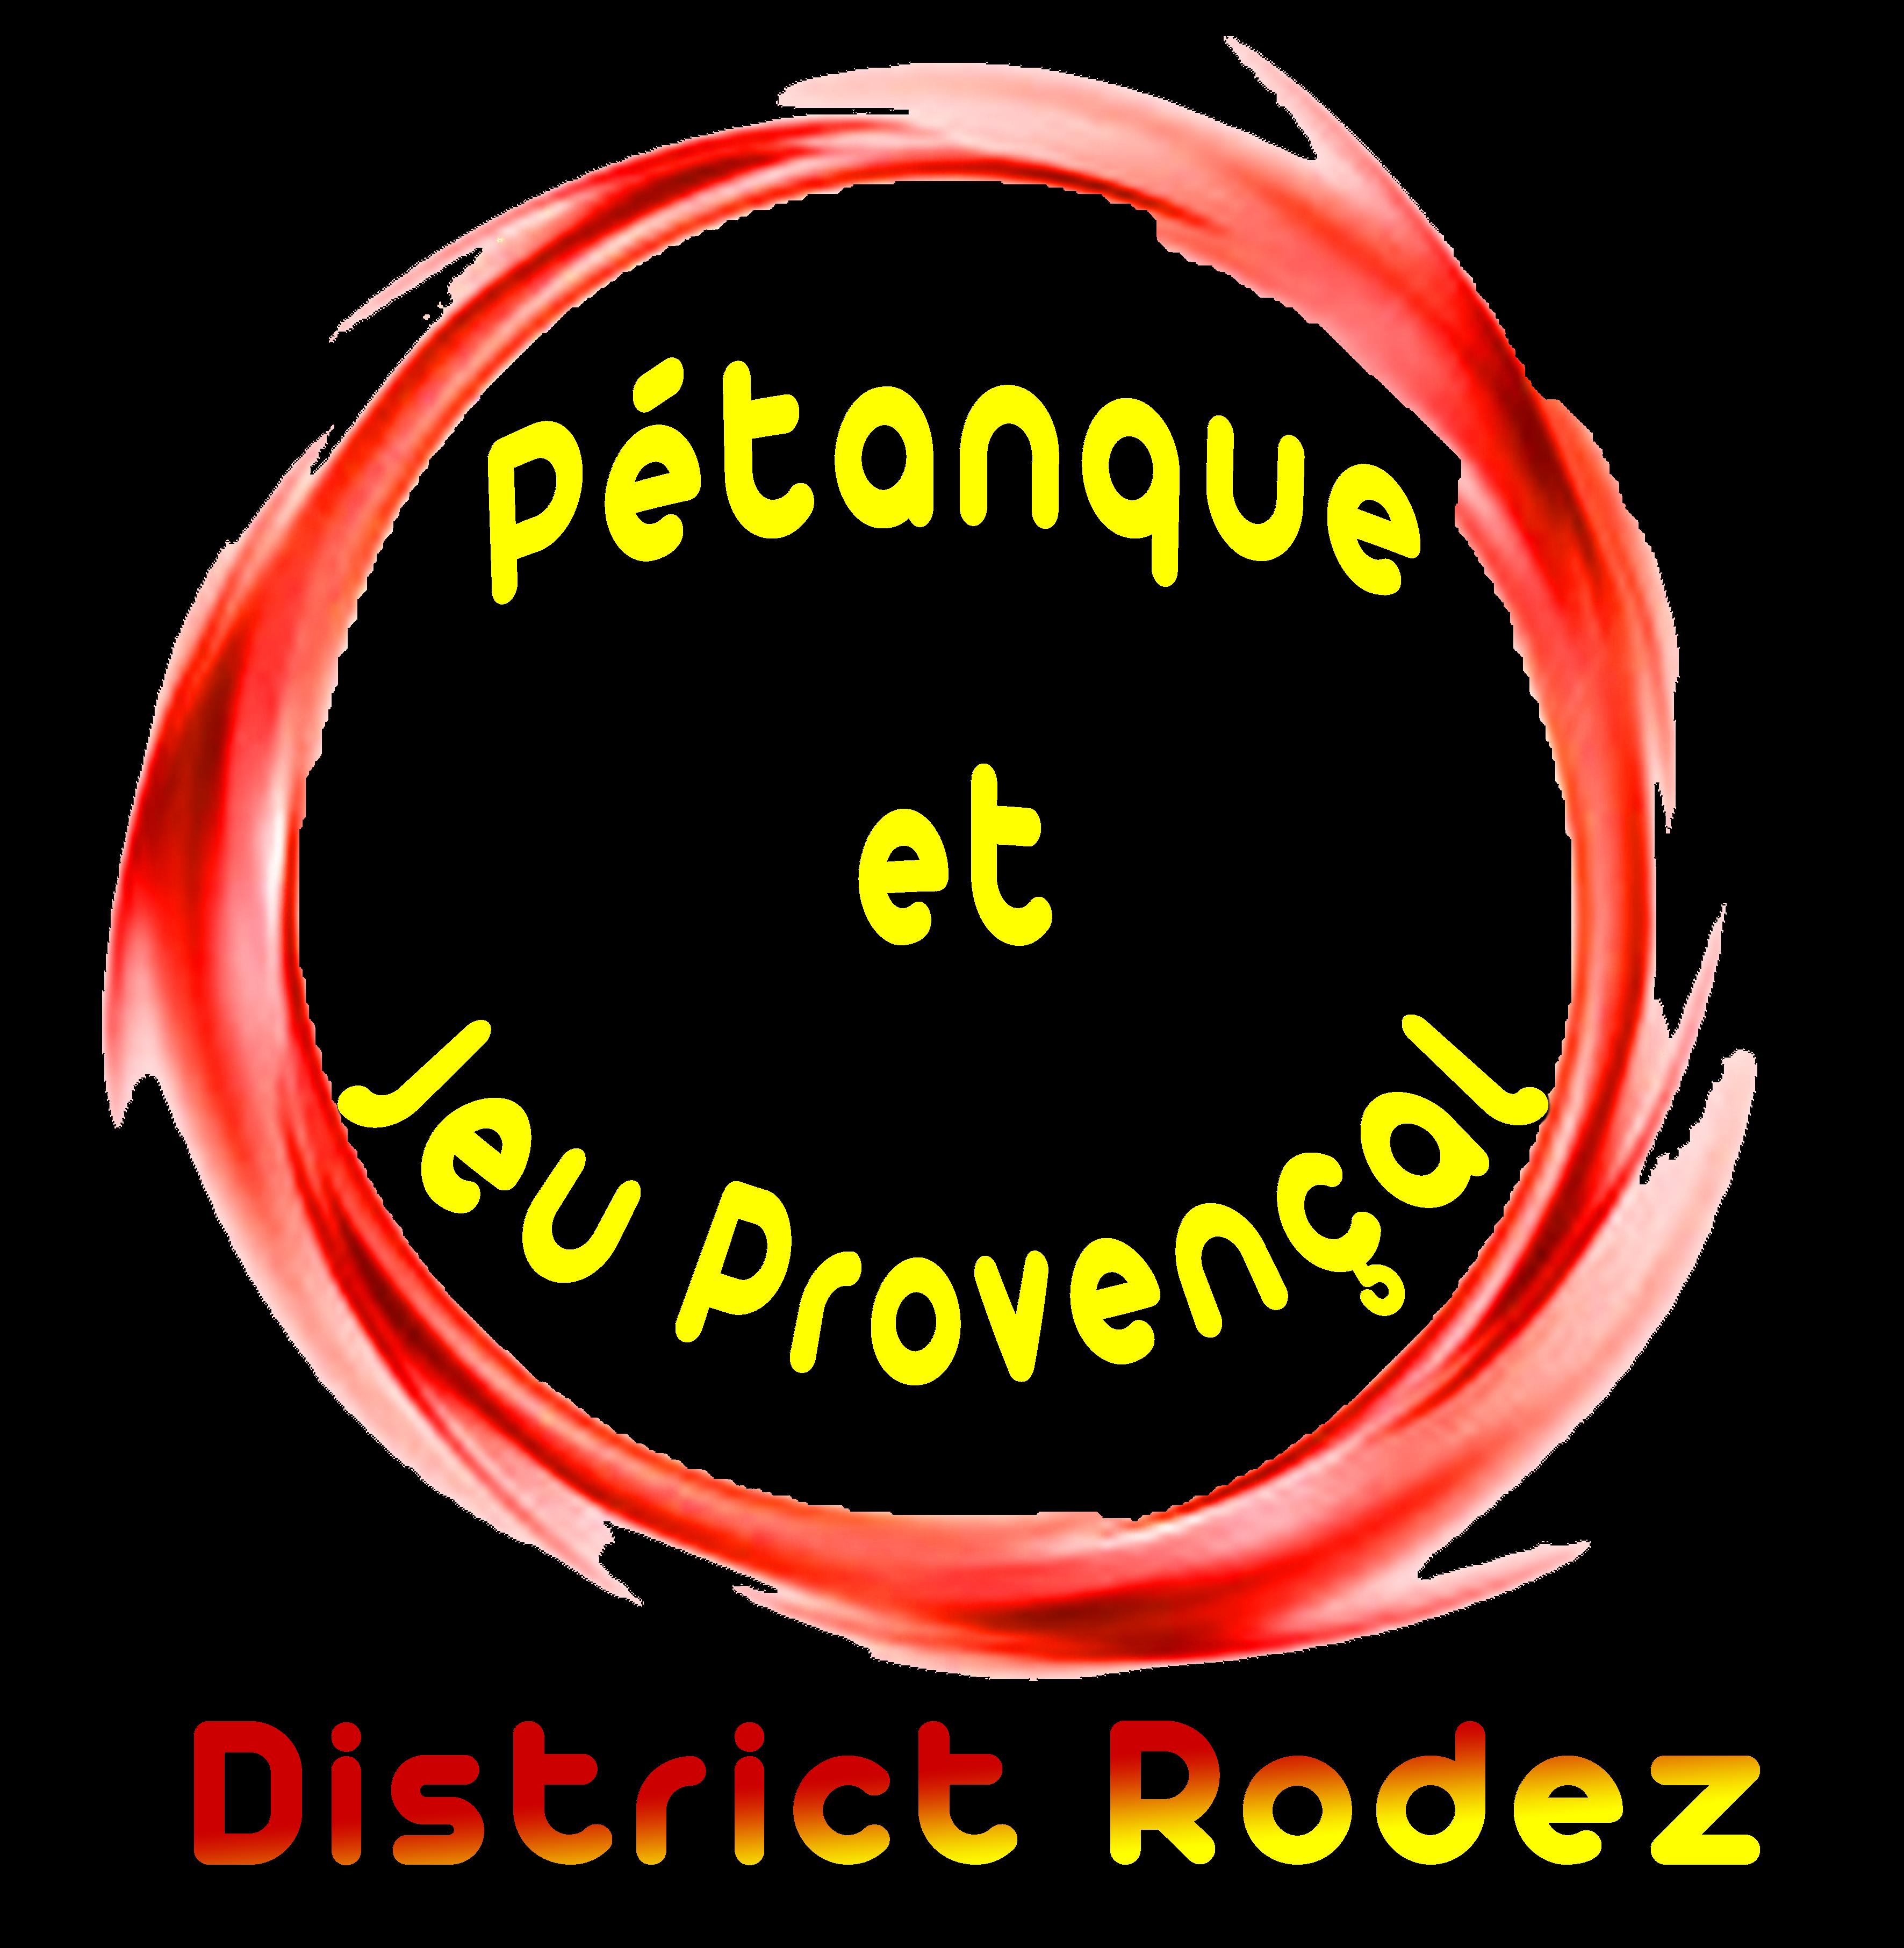 District Rodez